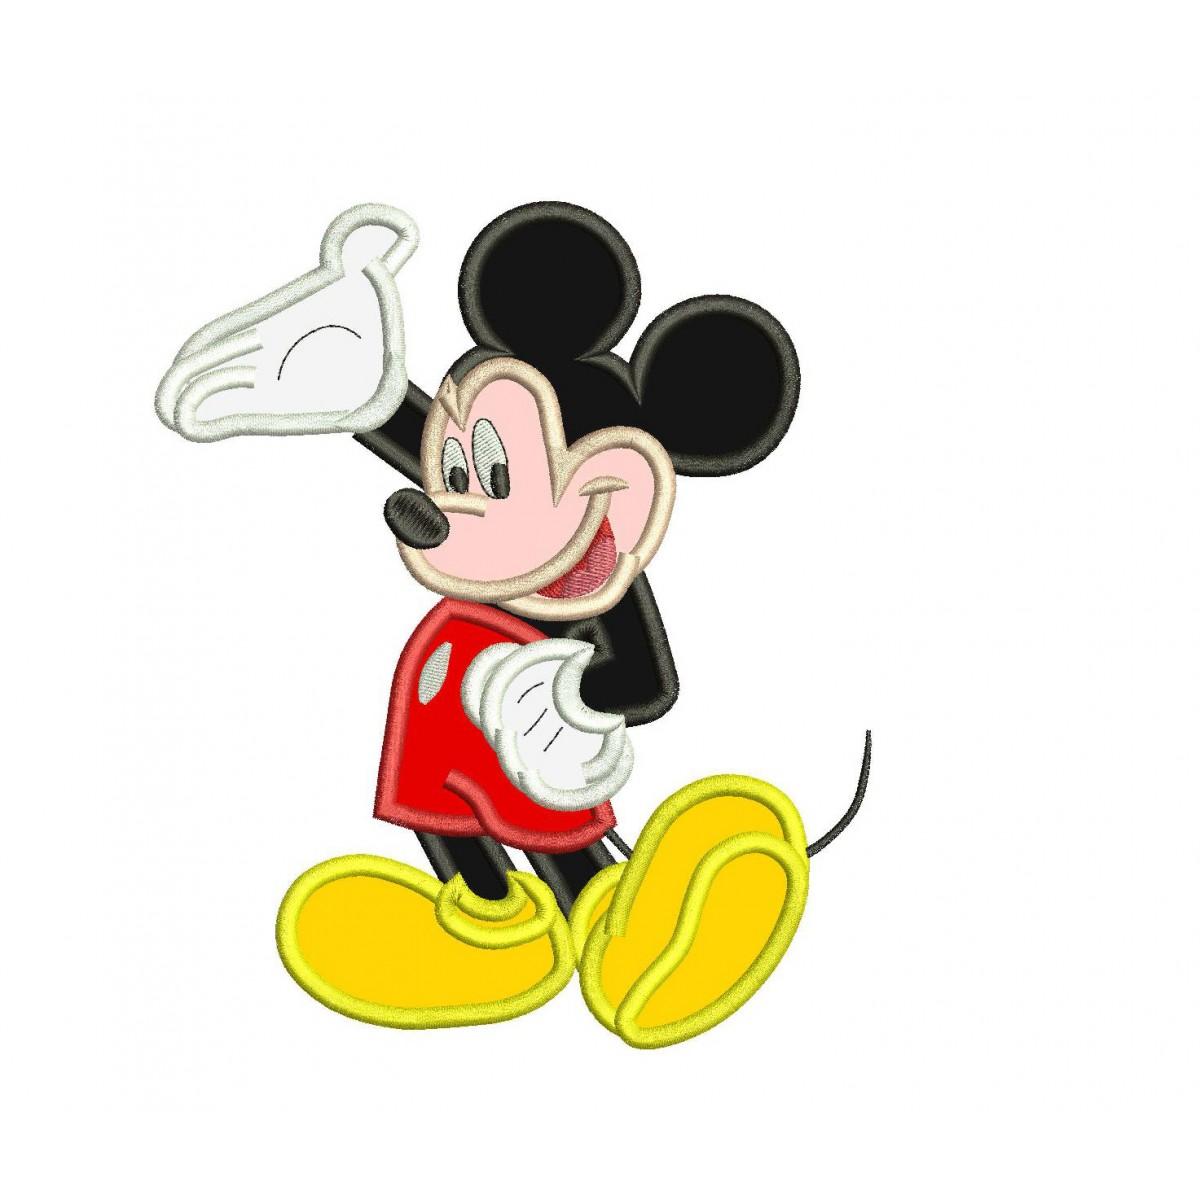 Hello Mickey Mouse Applique Design